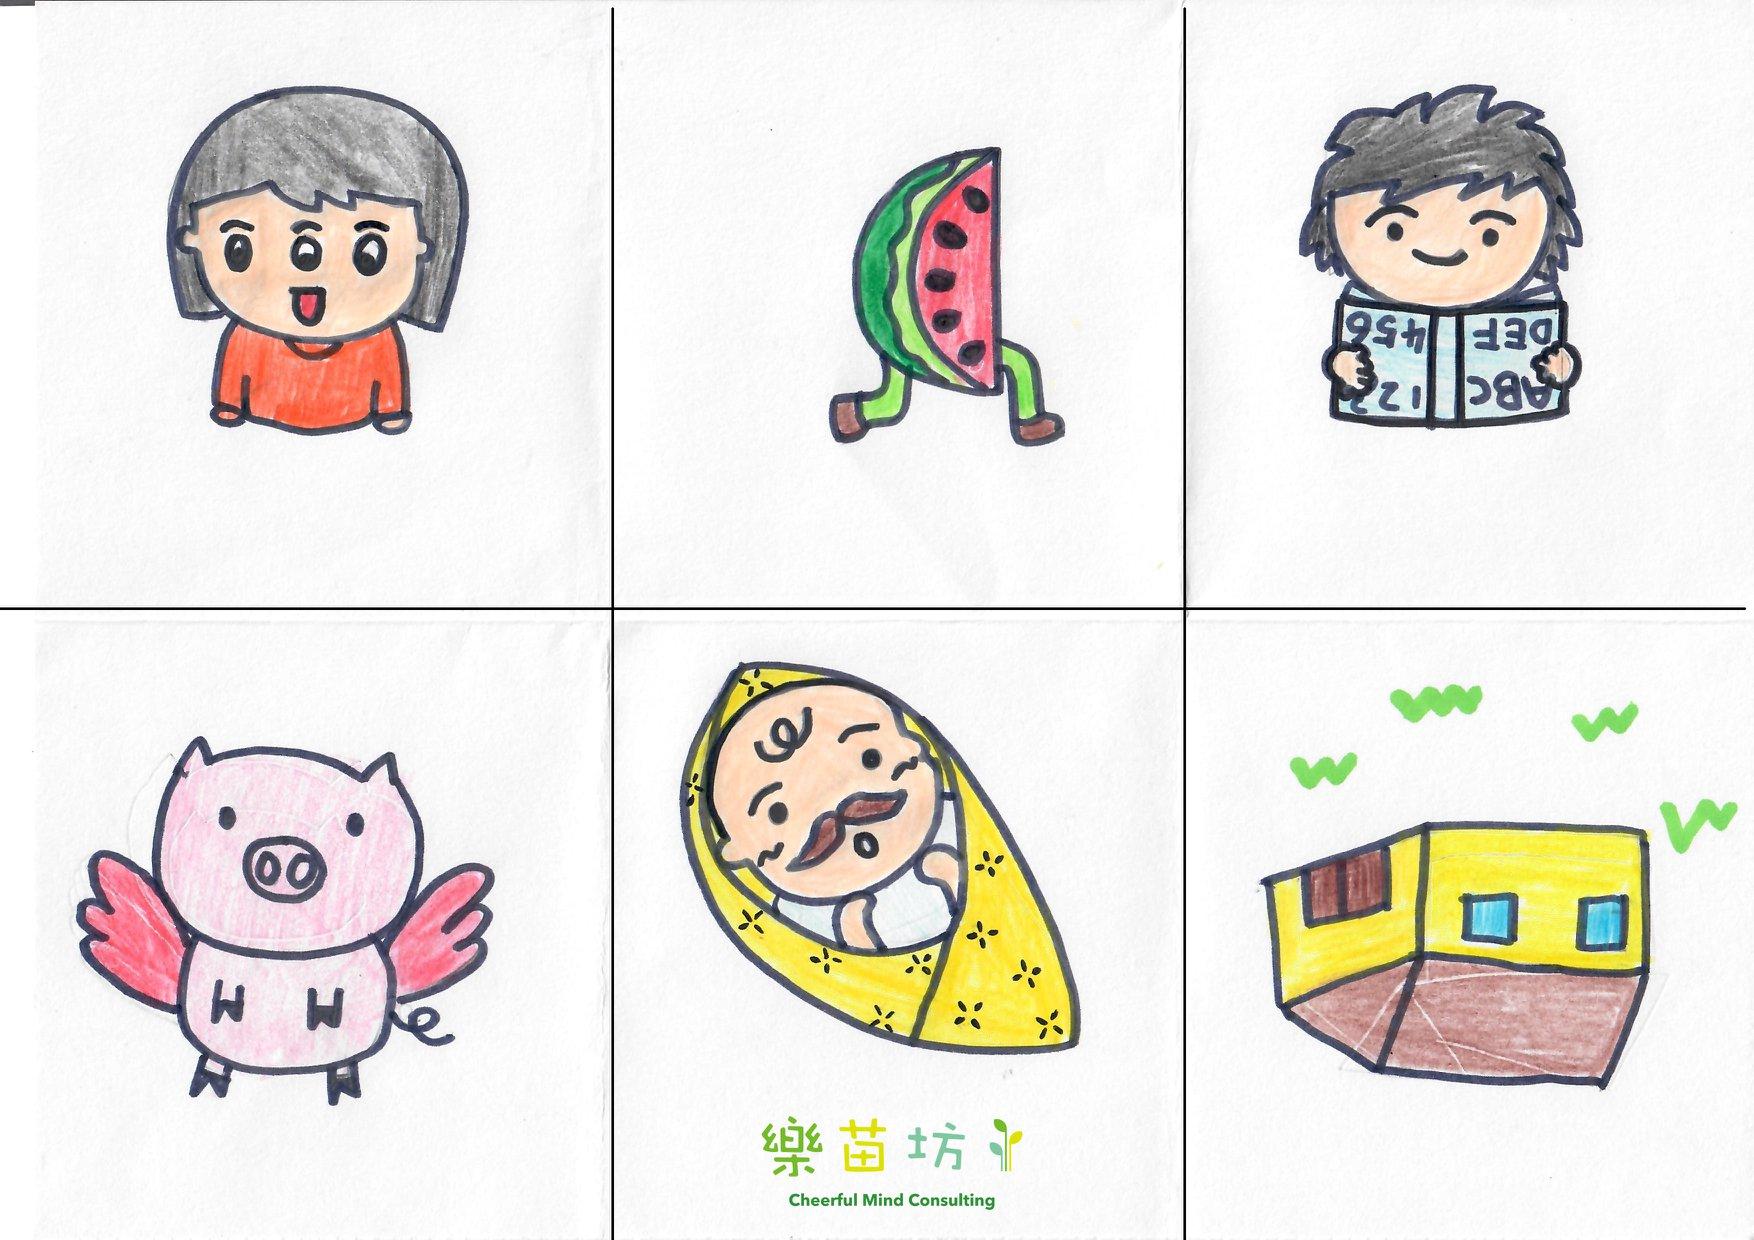 【會飛的豬?! 有腳的西瓜?!】鄭文琦姑娘(樂苗坊高級言語治療師)  想提升孩子的語言能力,第一步要加強他們發言的興趣。